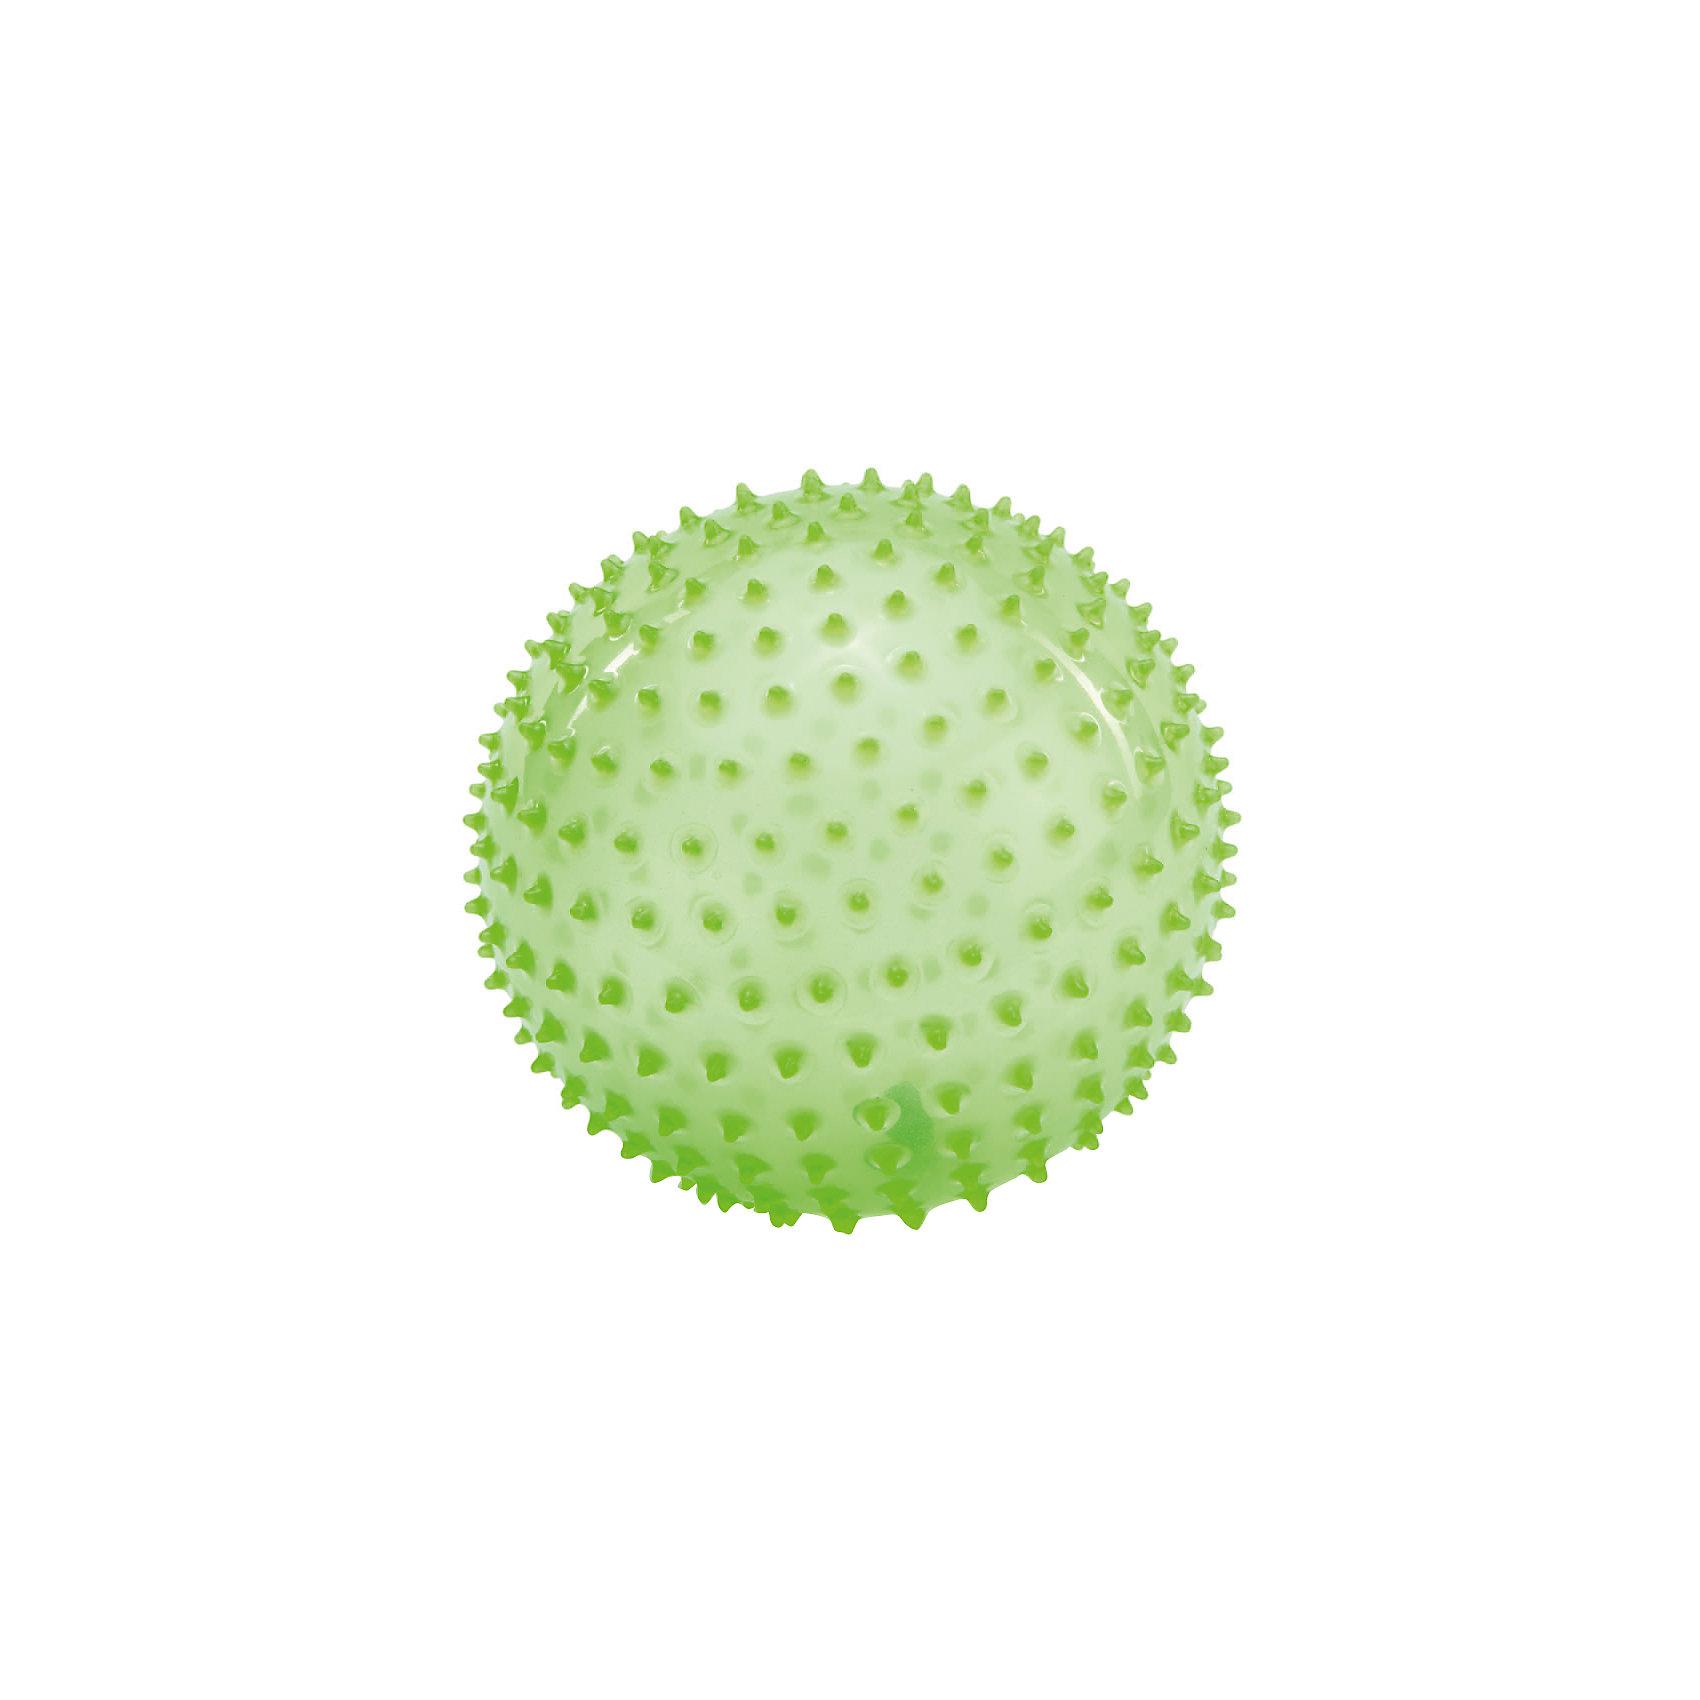 Массажно-игровой мяч, 18 см, PicnMixМячи детские<br>Массажно-игровой мяч способствуют гармоничному развитию всей мускулатуры ребенка, тренировке реакции, координации, цветового и тактильного восприятия. Подходят для игр в воде. Яркий мячики обязательно привлечет внимание малышей.<br><br>Дополнительная информация:<br><br>- Материал: полимер.<br>- Размер: d-18 см.<br>- Цвет: зеленый.<br>- Мяч снабжен ниппелем.<br><br>Массажно-игровой мяч, 18 см, Pic`n Mix, можно купить в нашем магазине.<br><br>Ширина мм: 210<br>Глубина мм: 228<br>Высота мм: 180<br>Вес г: 282<br>Возраст от месяцев: 0<br>Возраст до месяцев: 72<br>Пол: Унисекс<br>Возраст: Детский<br>SKU: 4284795